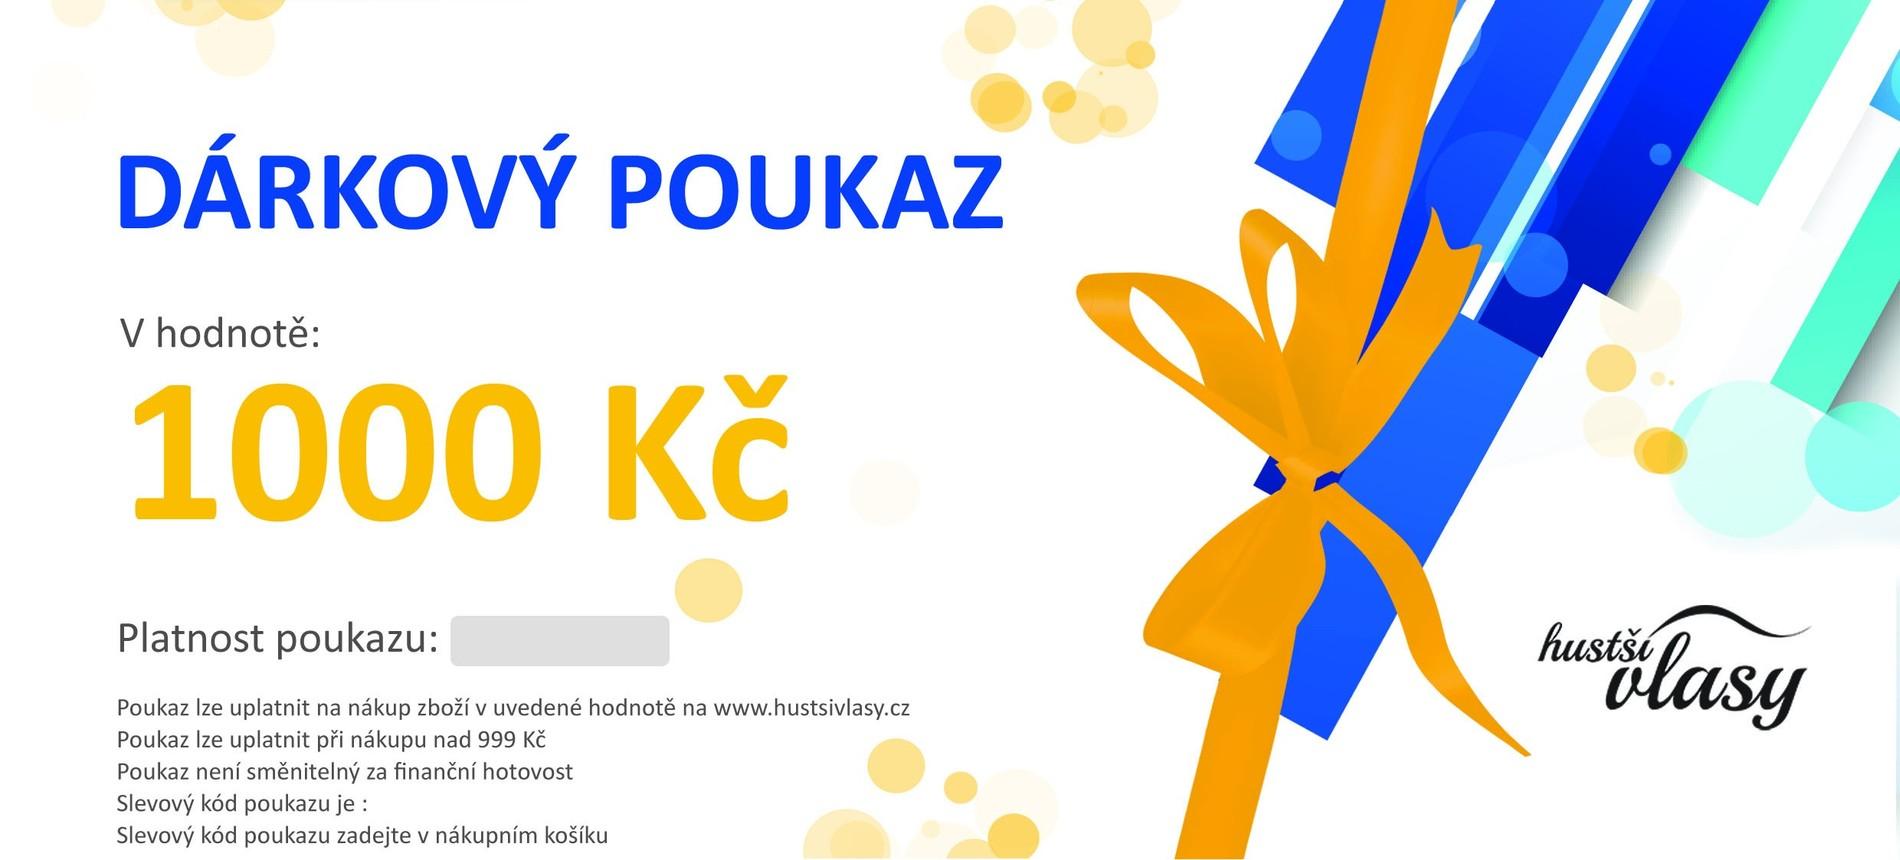 Hustsivlasy.cz Dárkový poukaz 1000 Kč